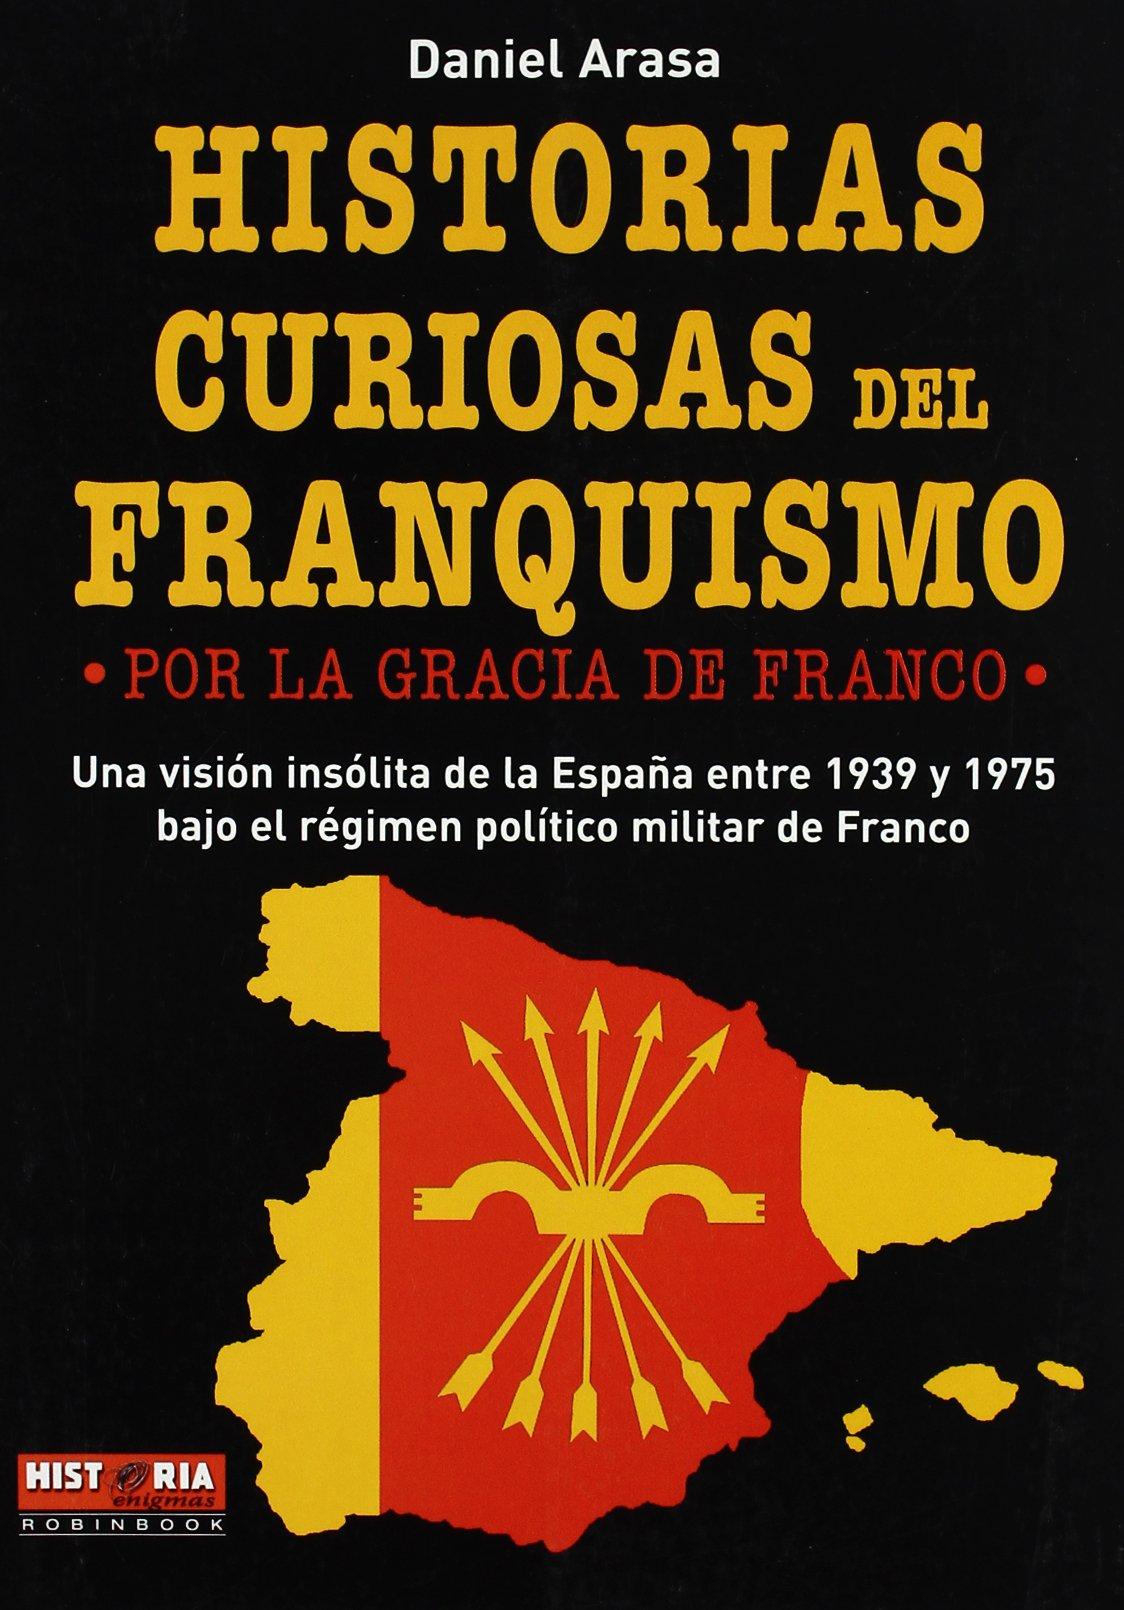 Historias curiosas del franquismo Misterios Historicos: Amazon.es: Daniel Arasa, Daniel Arasa: Libros